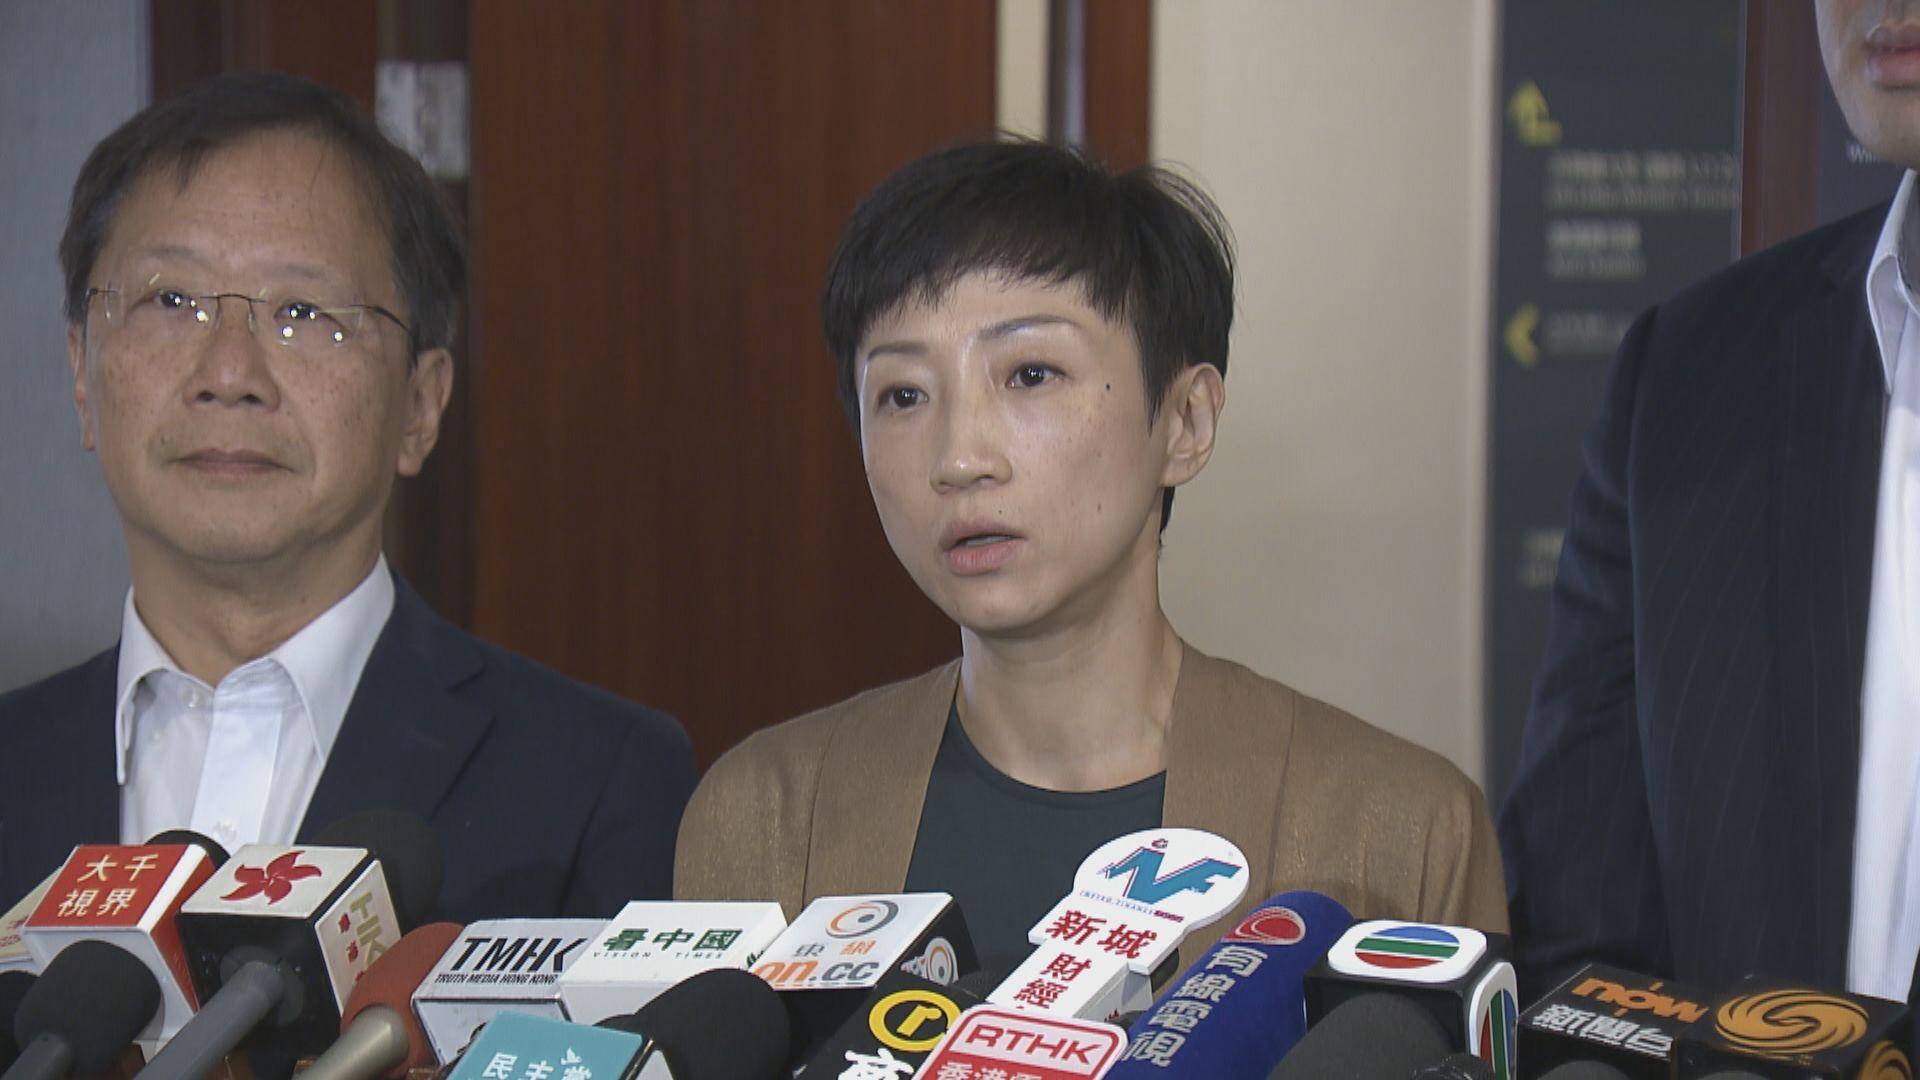 民主派要求與林鄭緊急會面